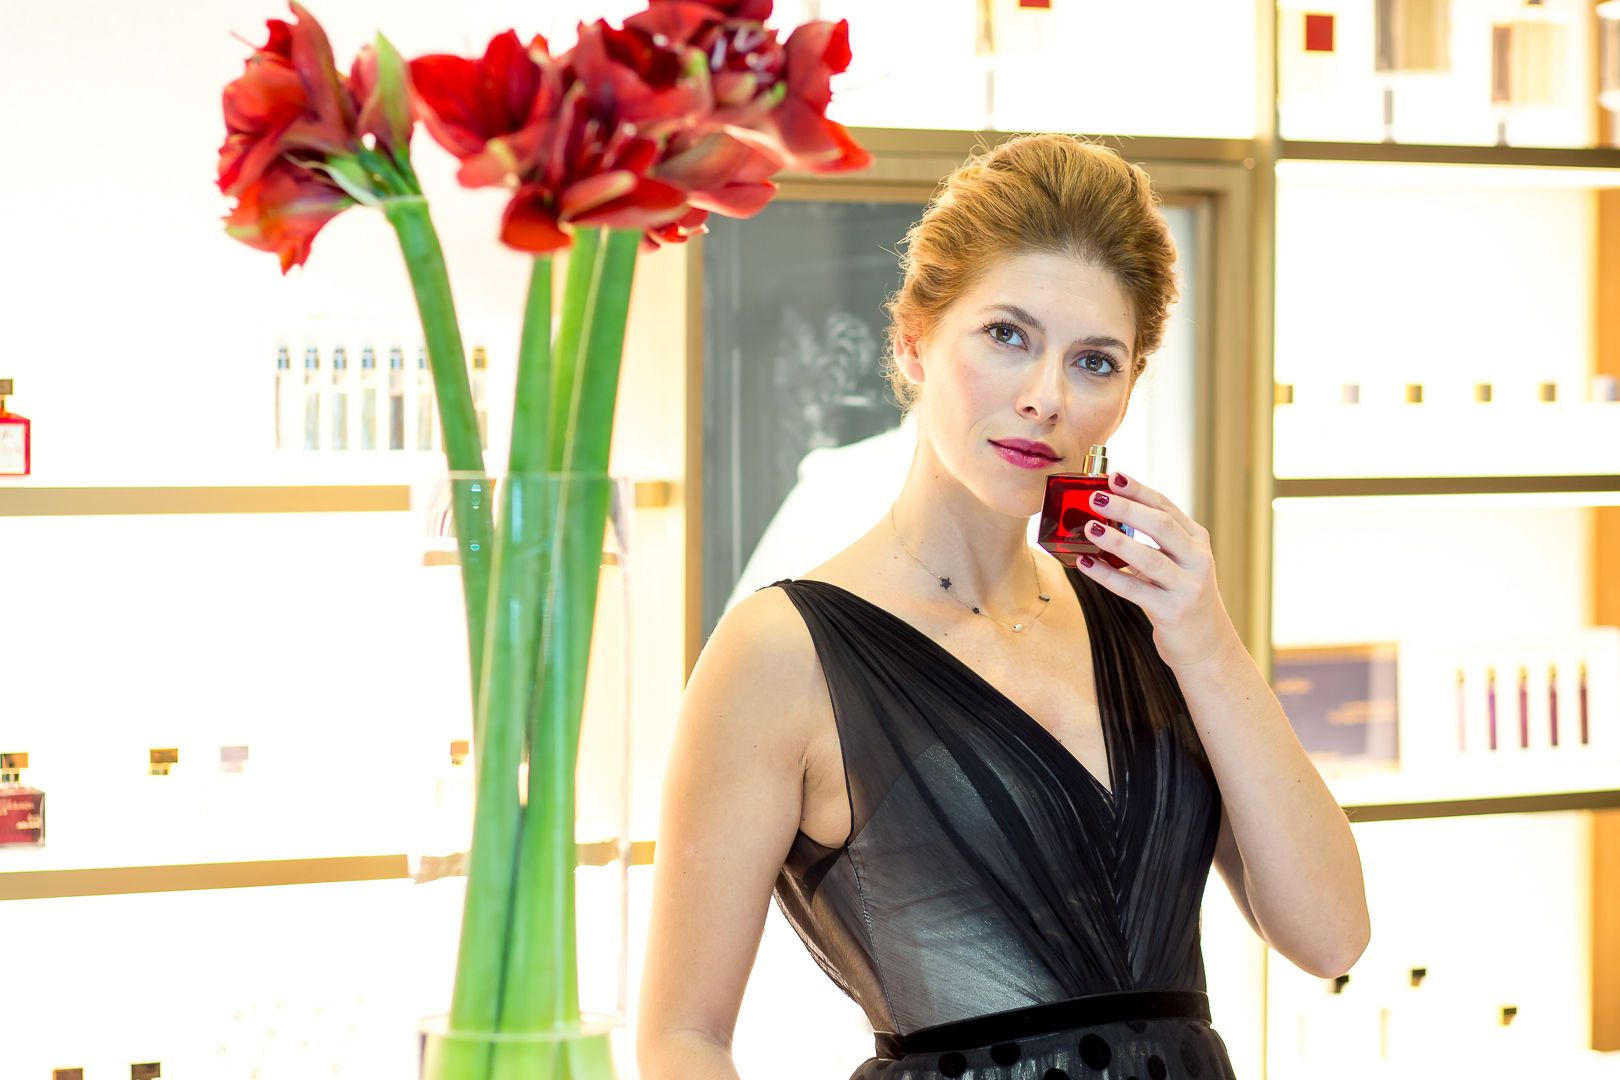 Pogledajte kako je Jelena Perčin zablistala na predstavljanju nove kolekcije parfema